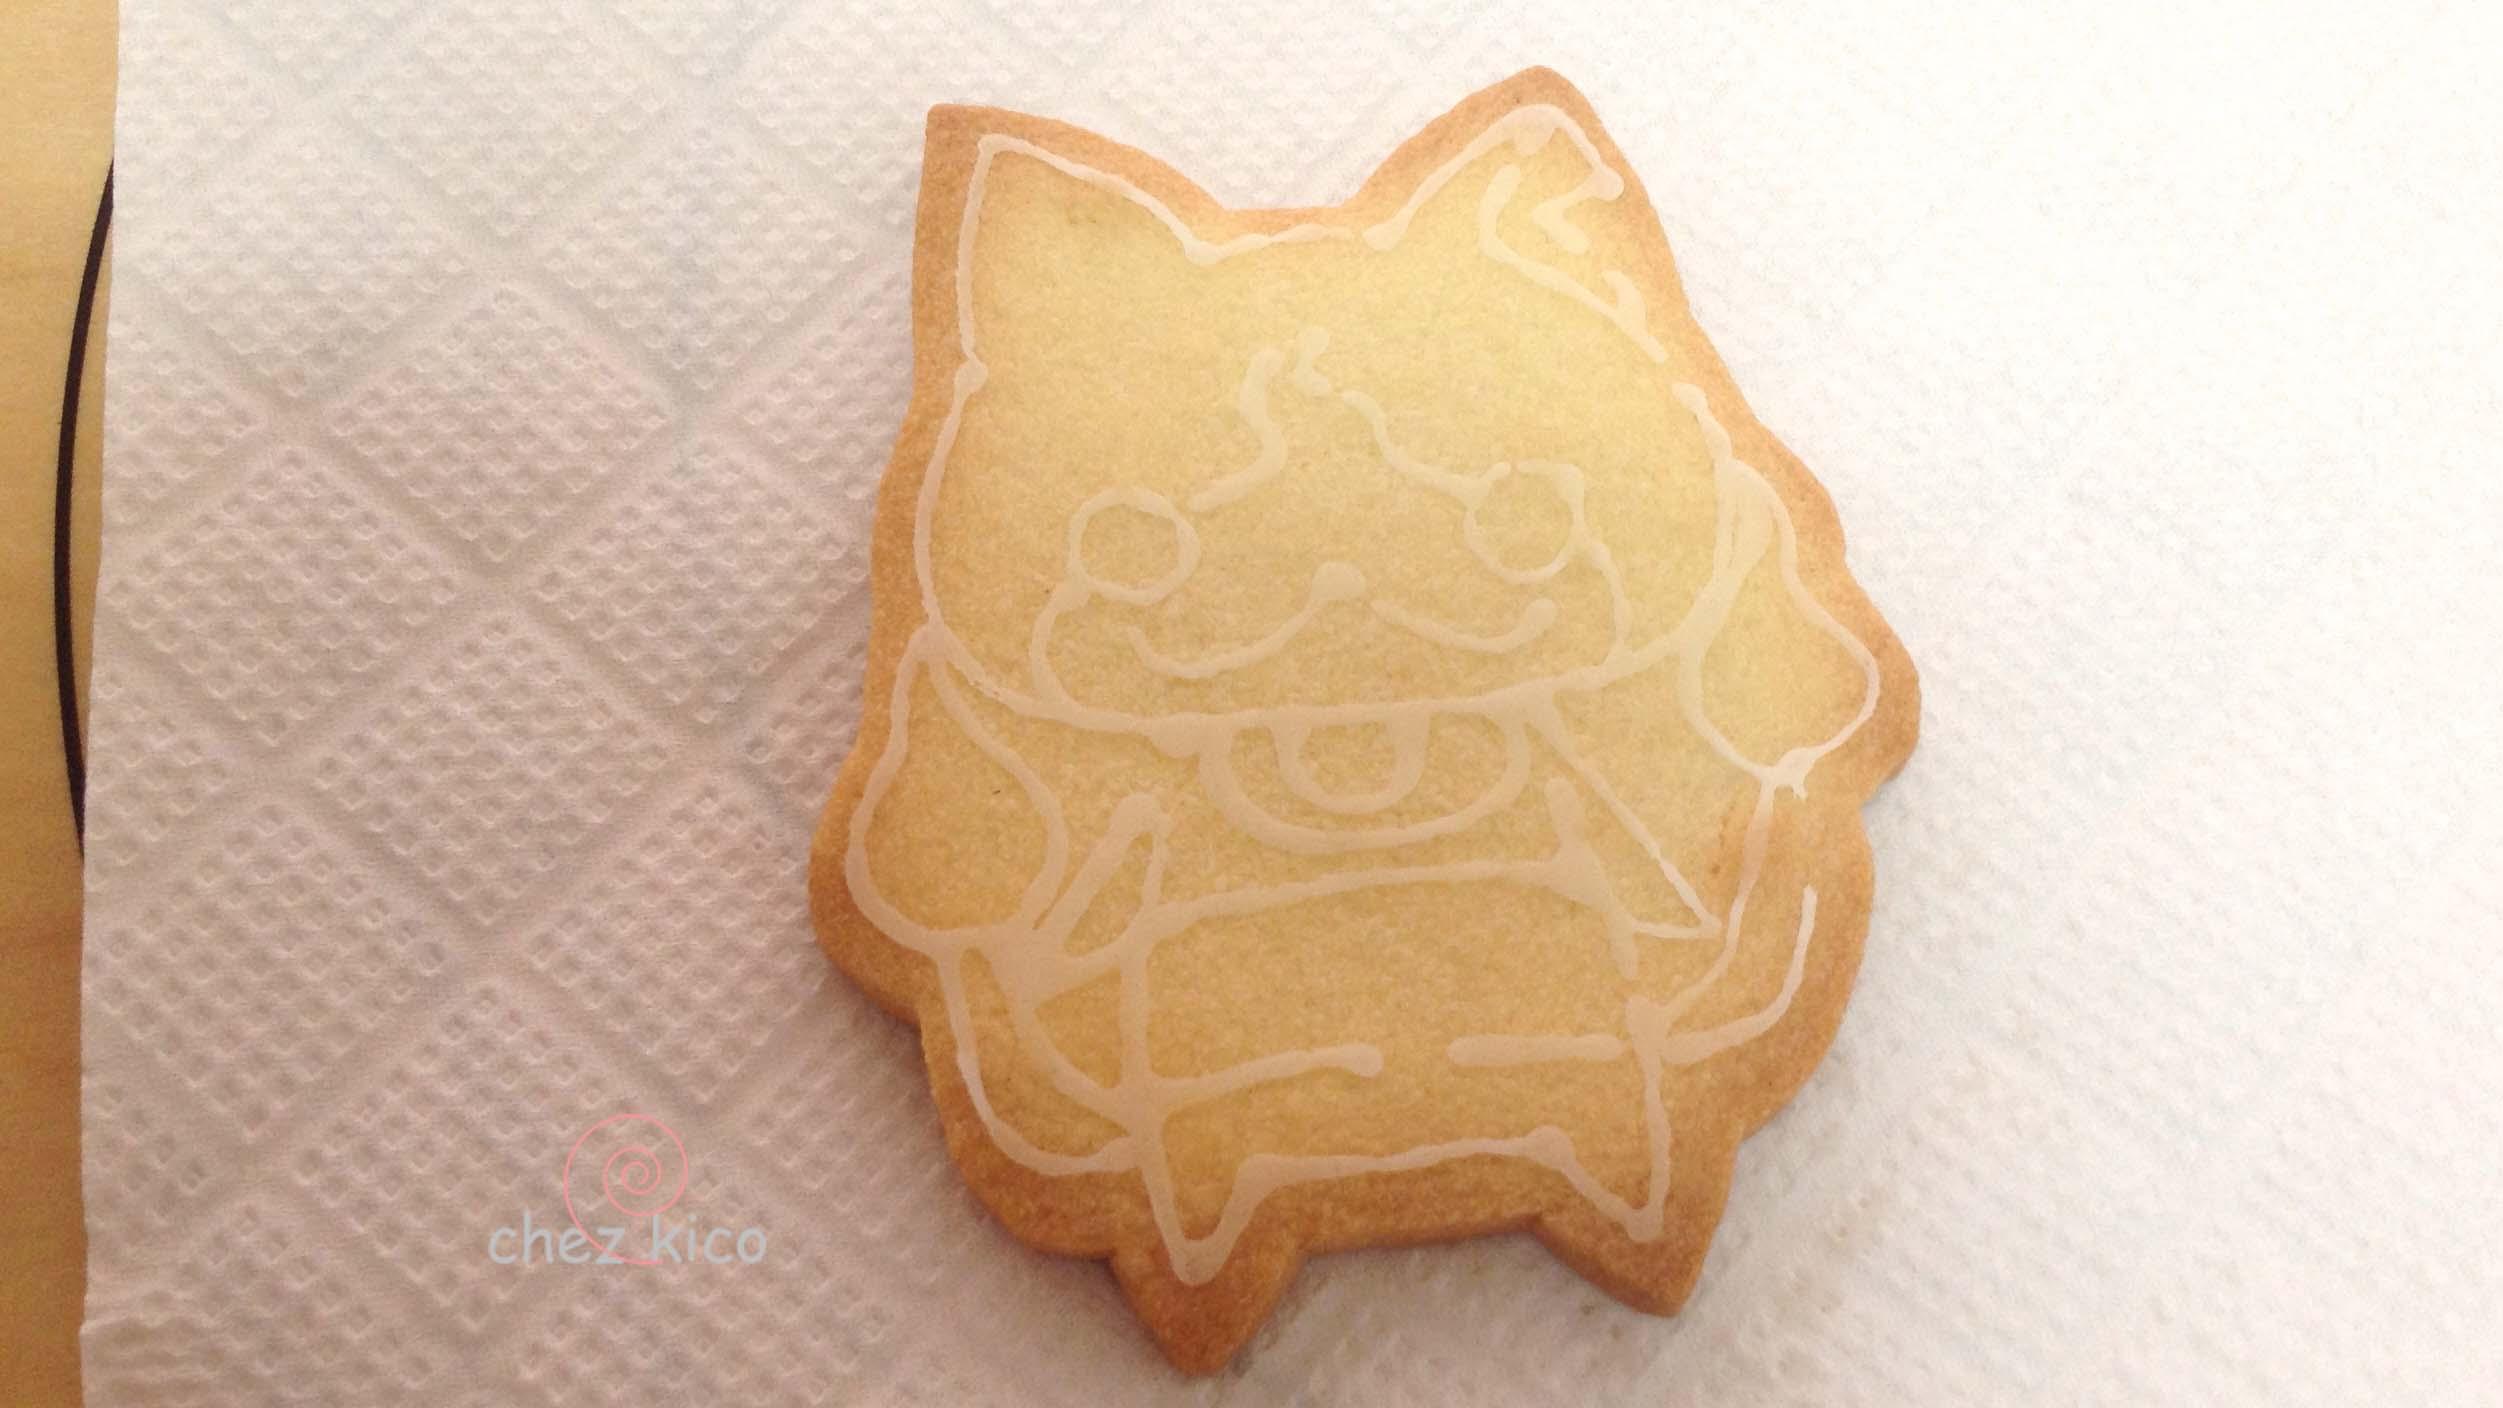 転写で意外に簡単アイシングクッキーでのキャラクターの作り方